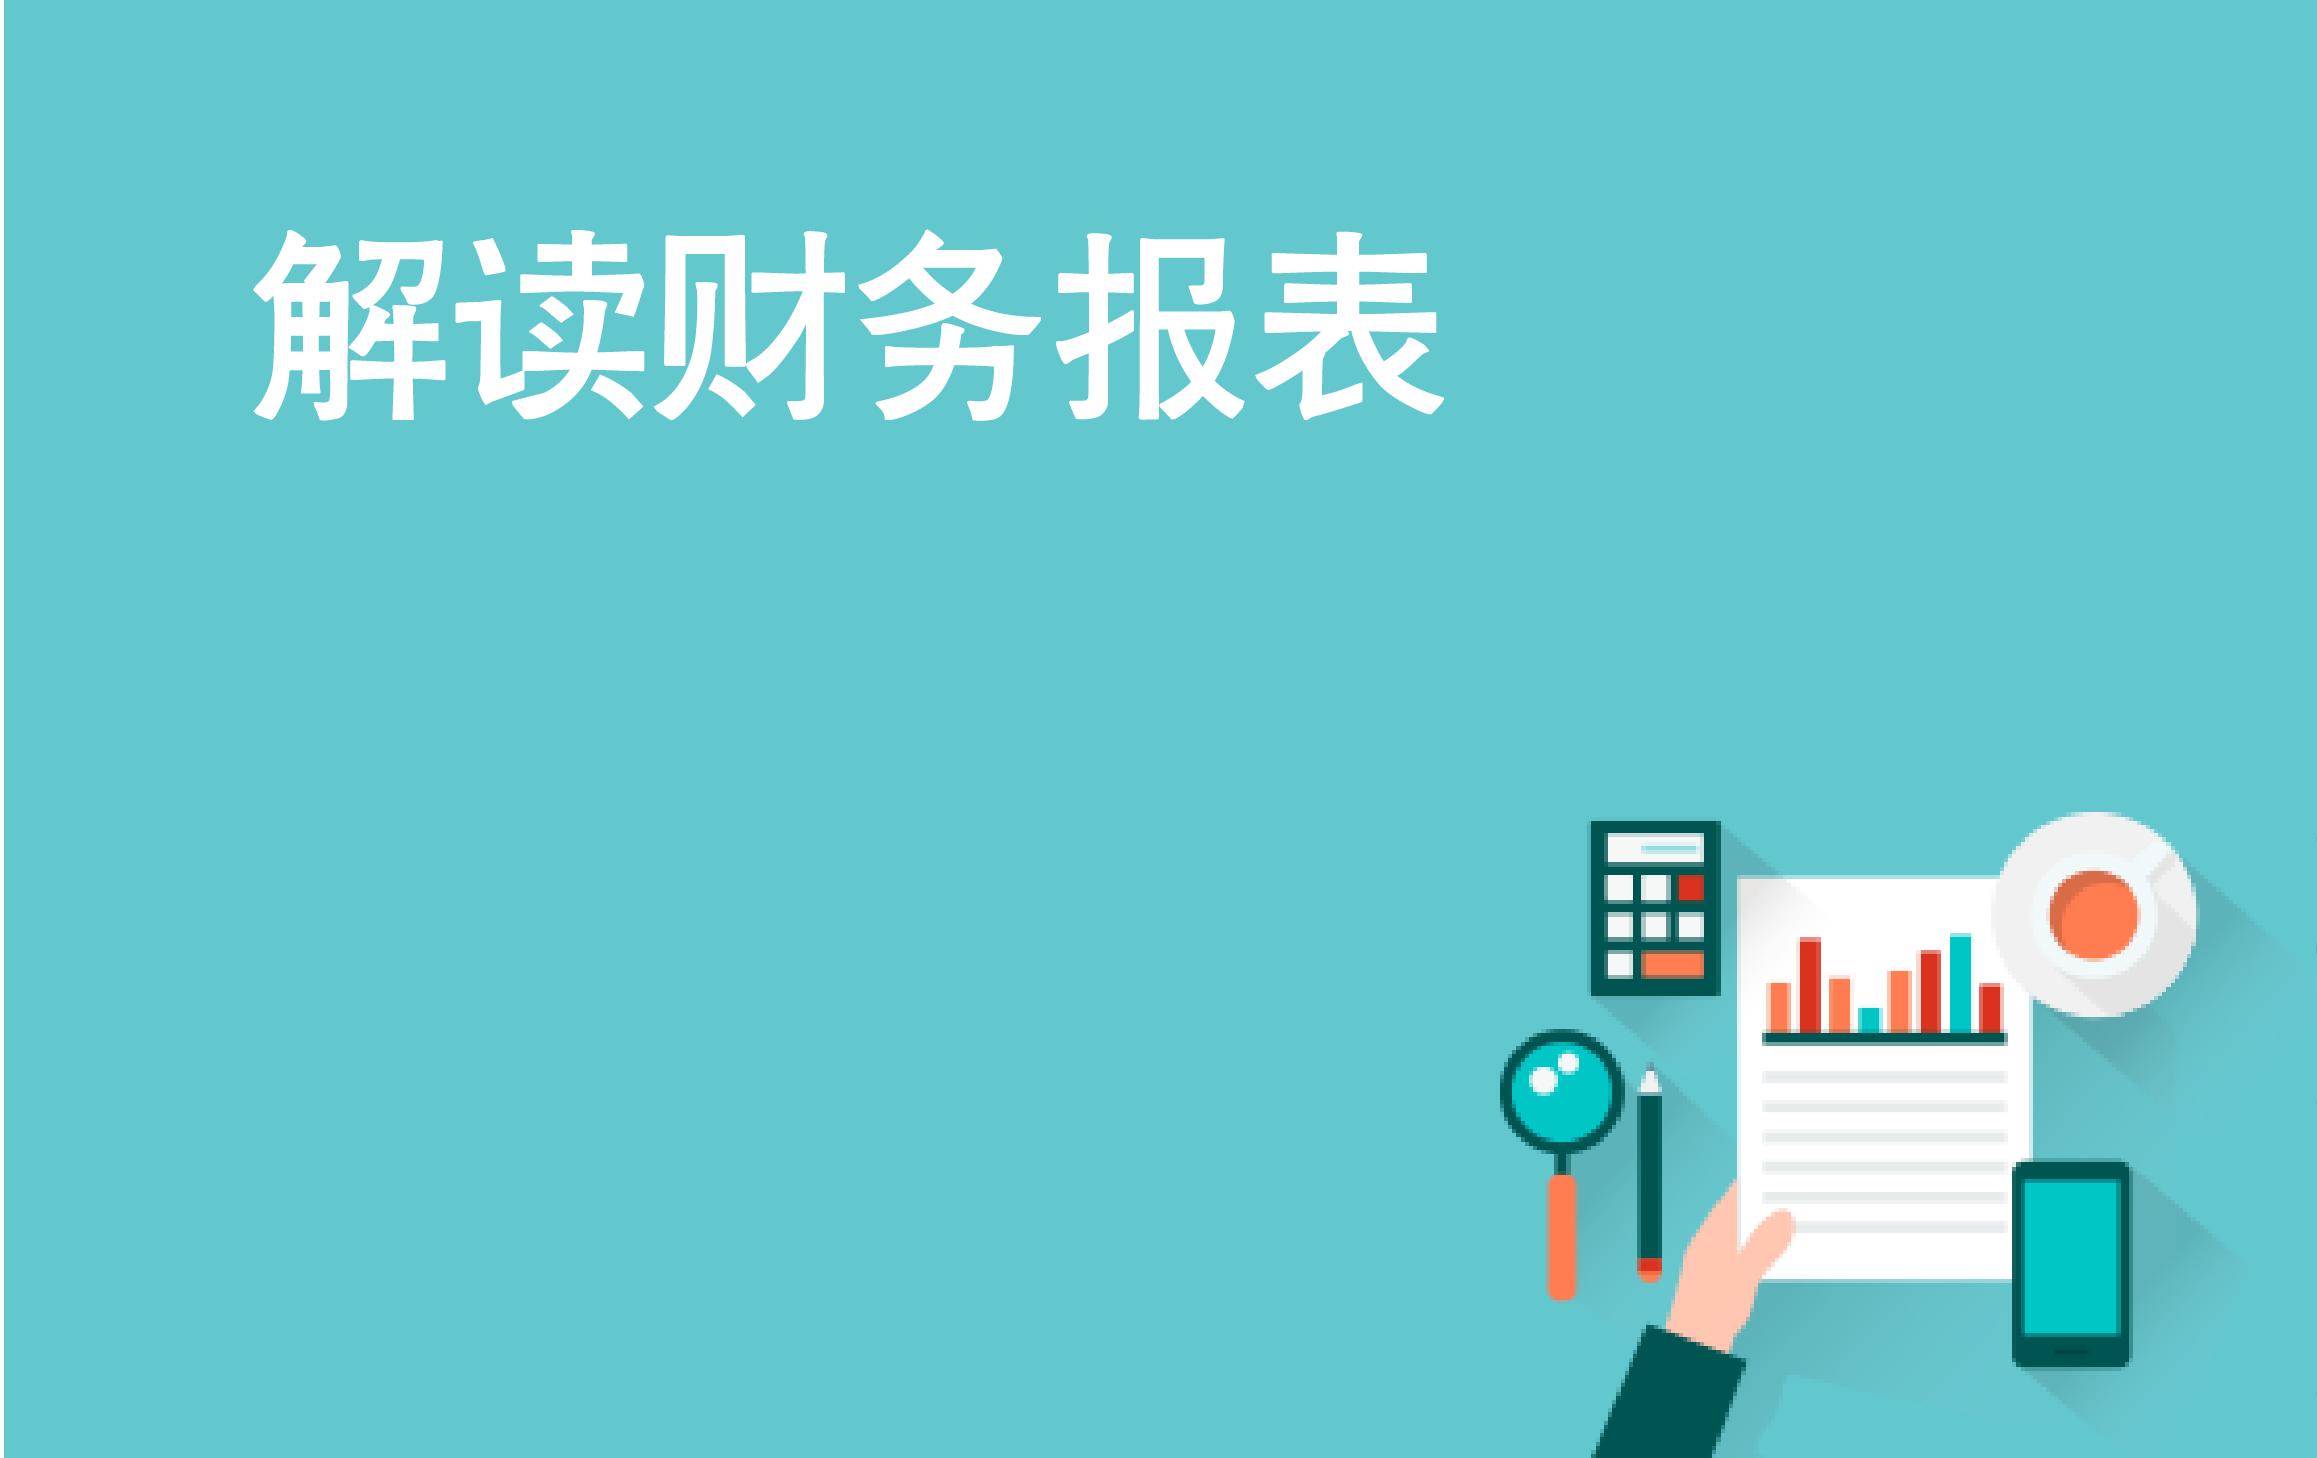 如何从财务数据中读出企业商业模式